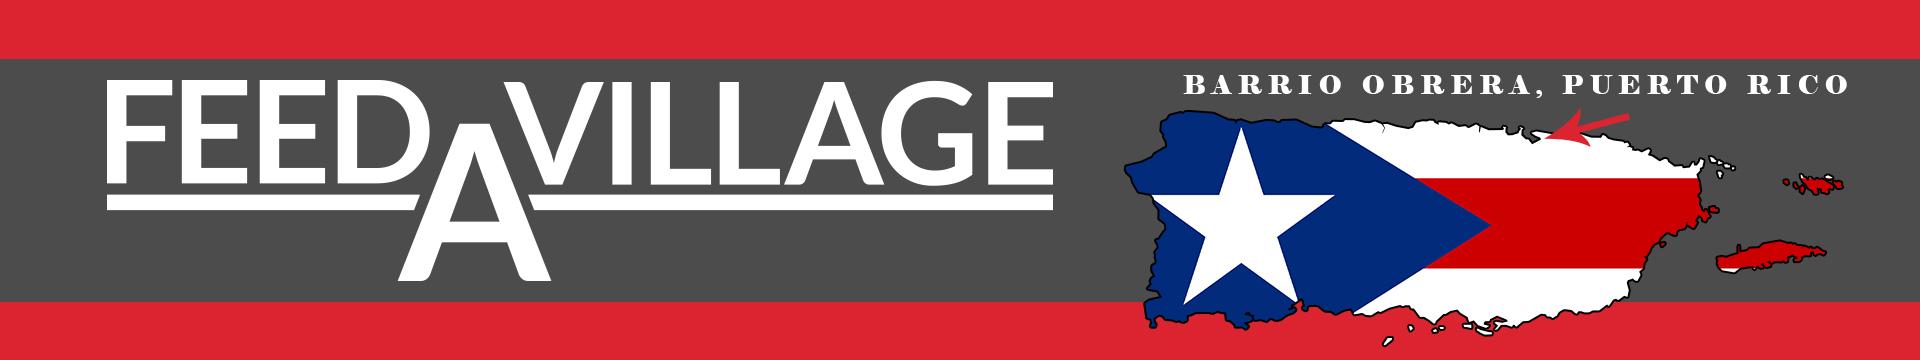 FEED-A-VILLAGE.jpg